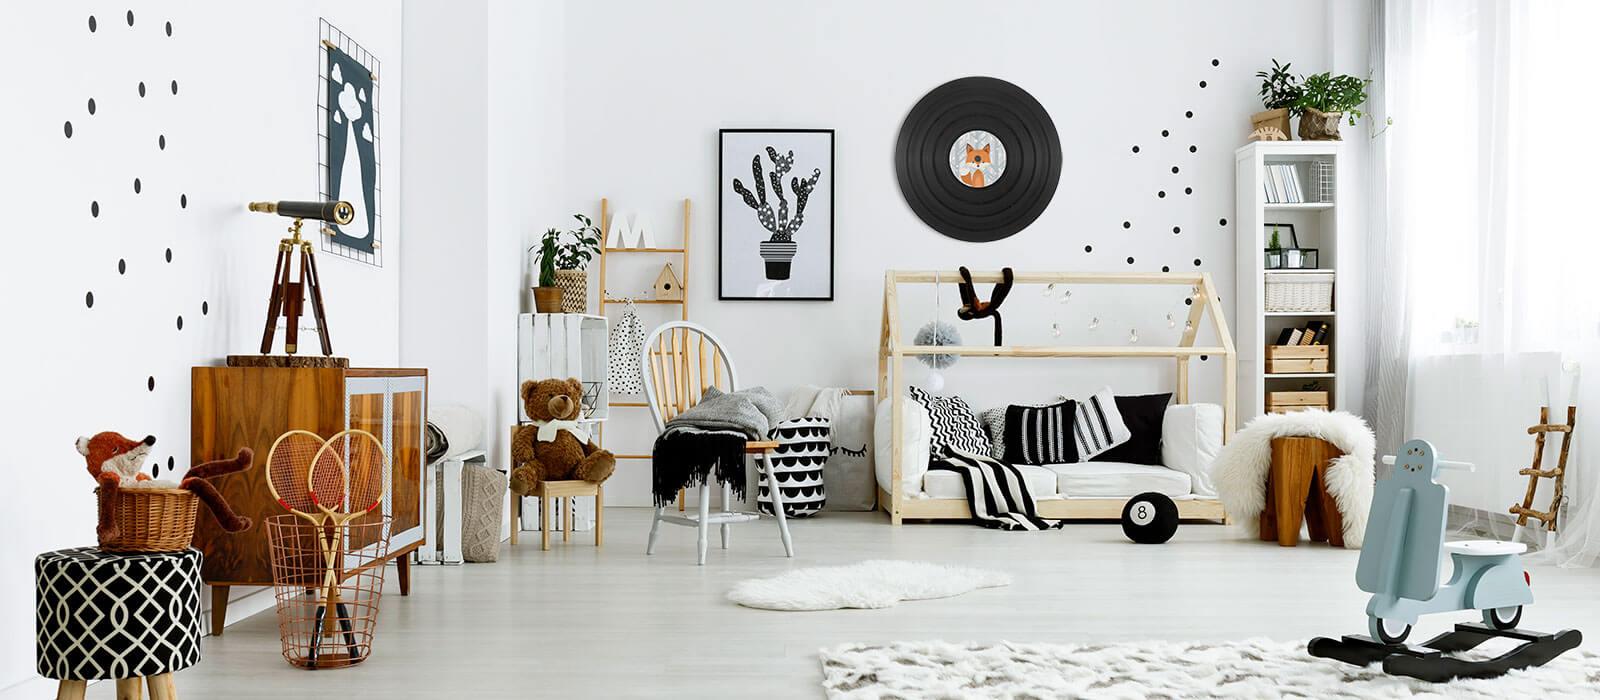 Vinyle pour une décoration originale dans une chambre d'enfant